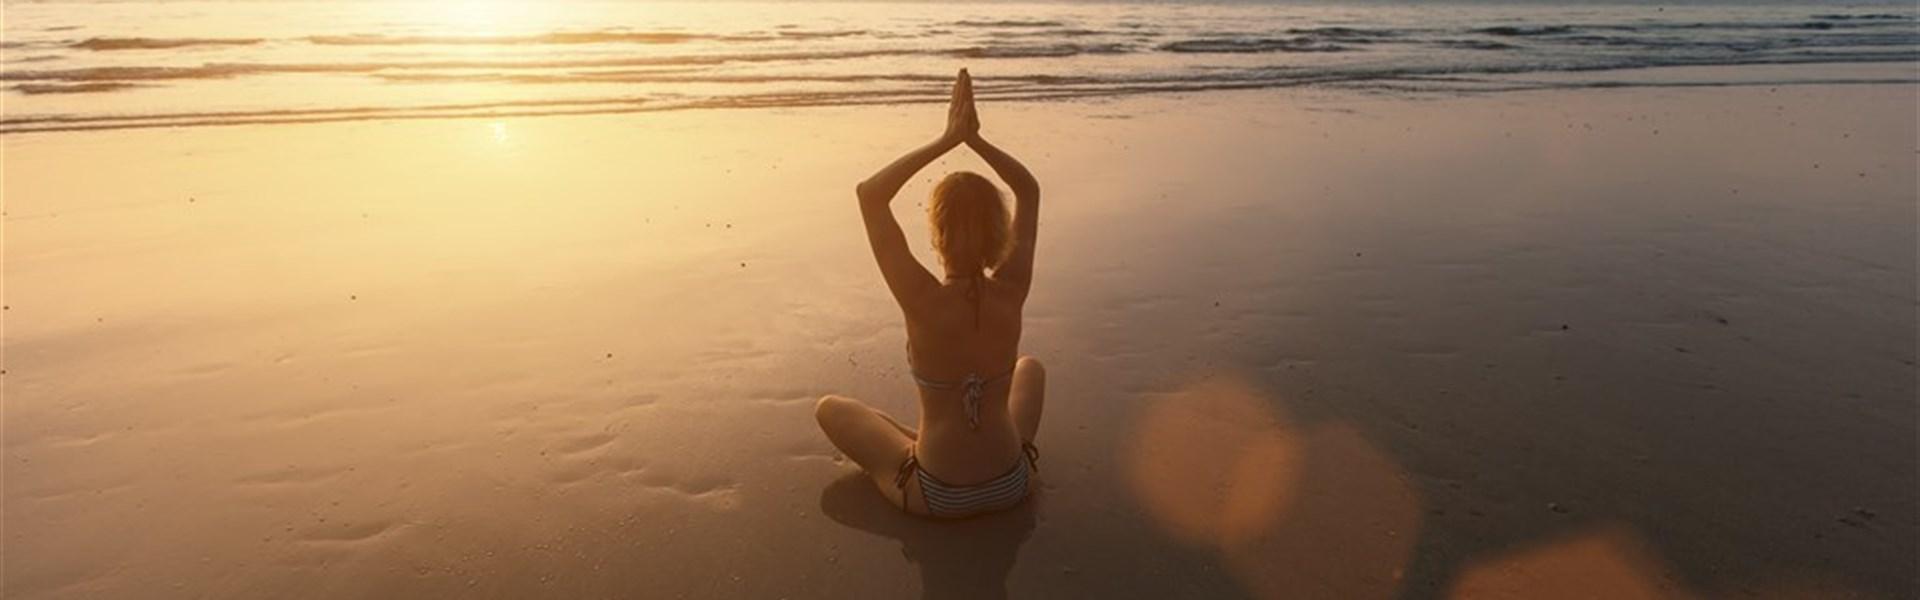 Jóga v Keni - jóga u moře  + safari - s českou lektorkou -